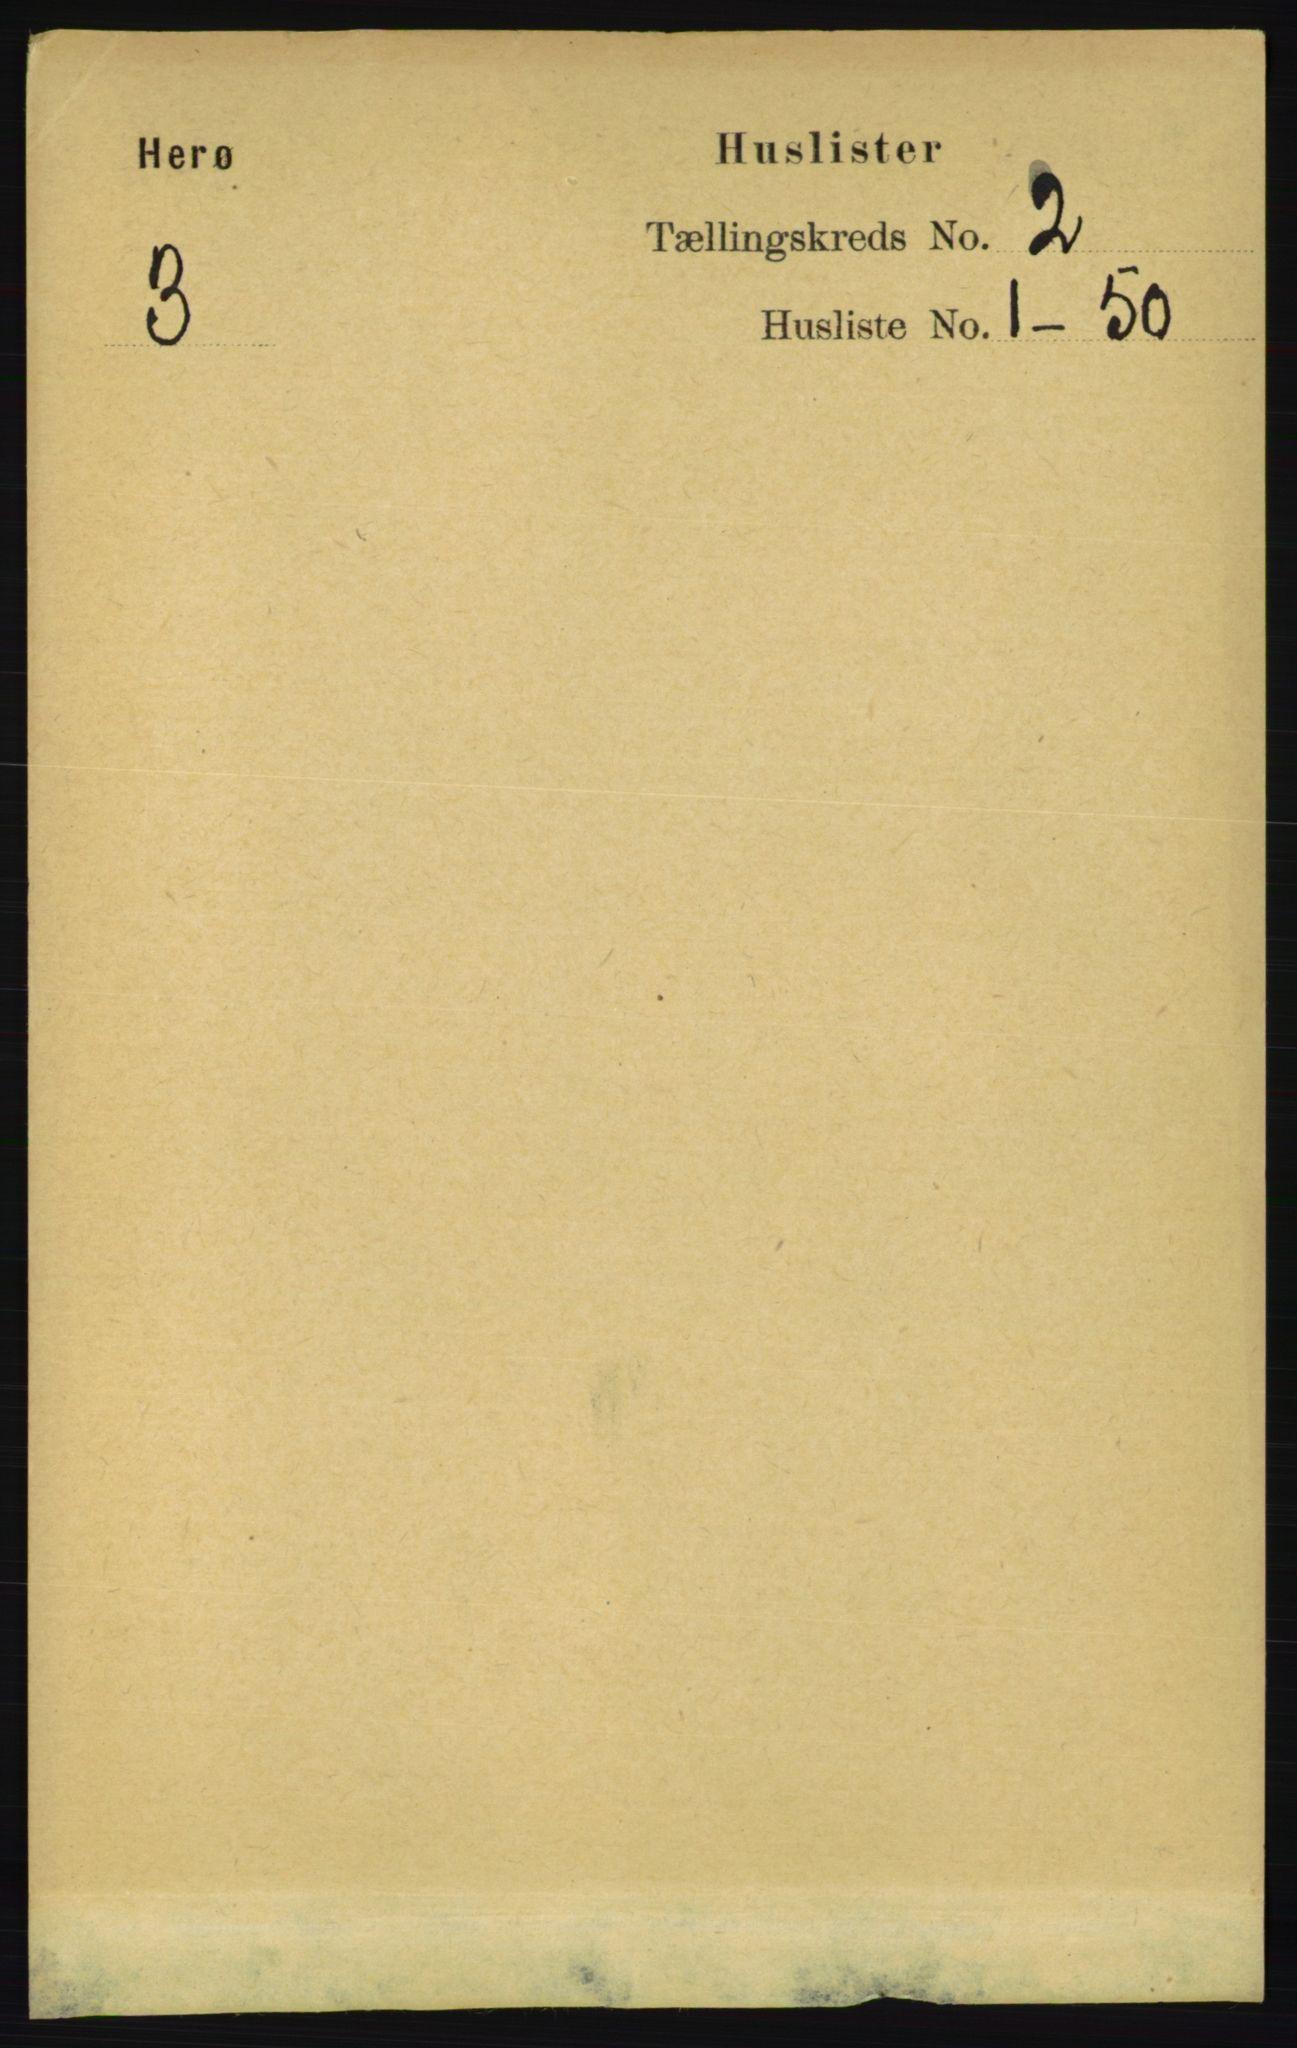 RA, Folketelling 1891 for 1818 Herøy herred, 1891, s. 198